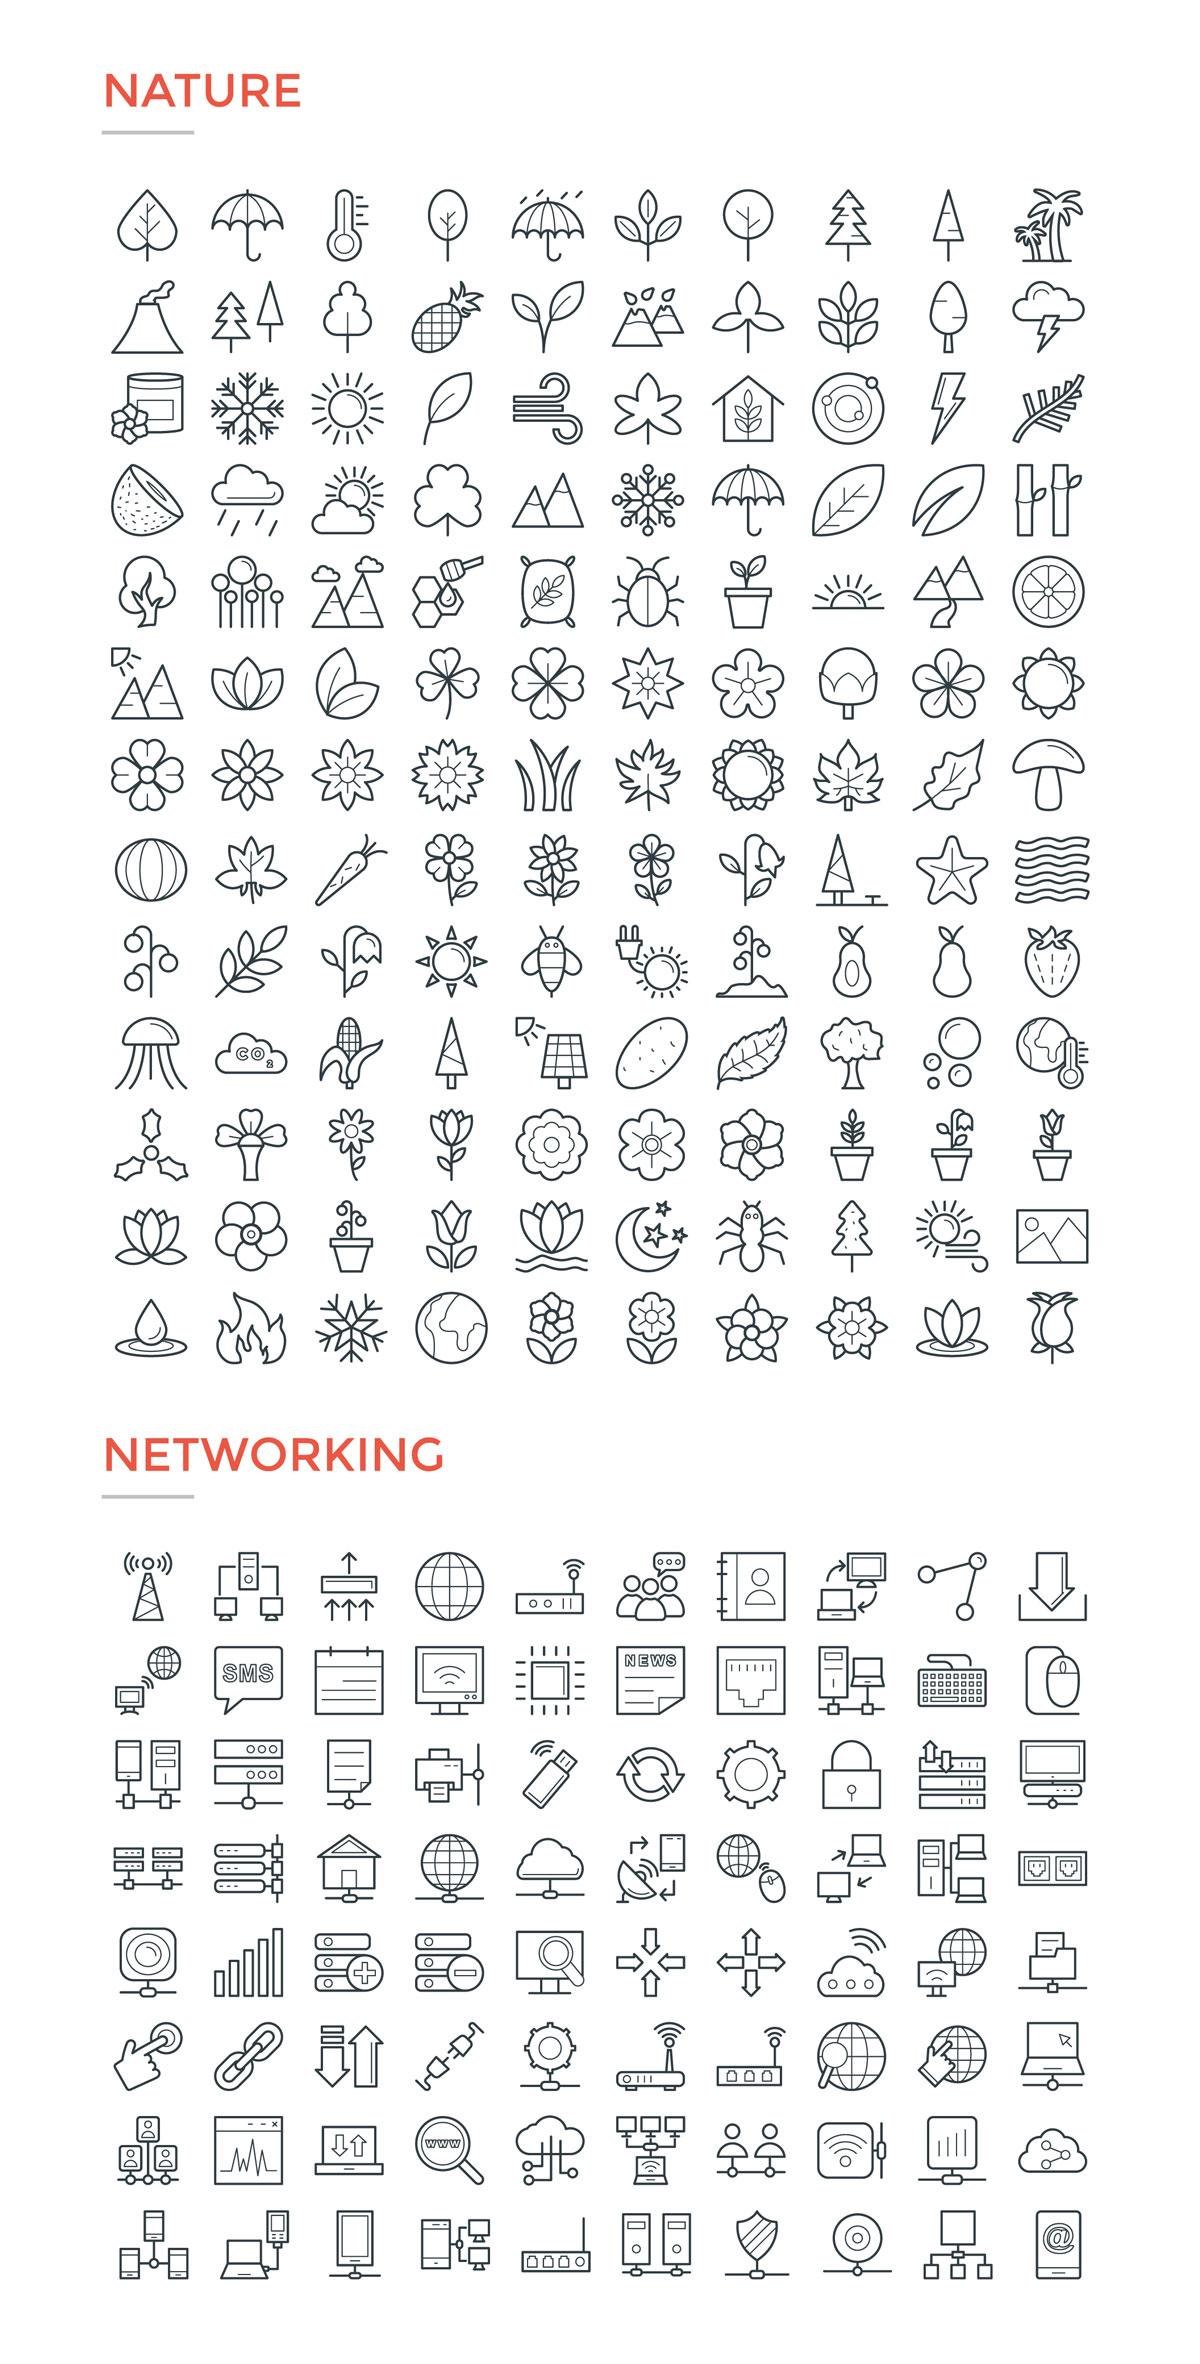 4800款独特的矢量图标合集 4800 Line Icons插图20